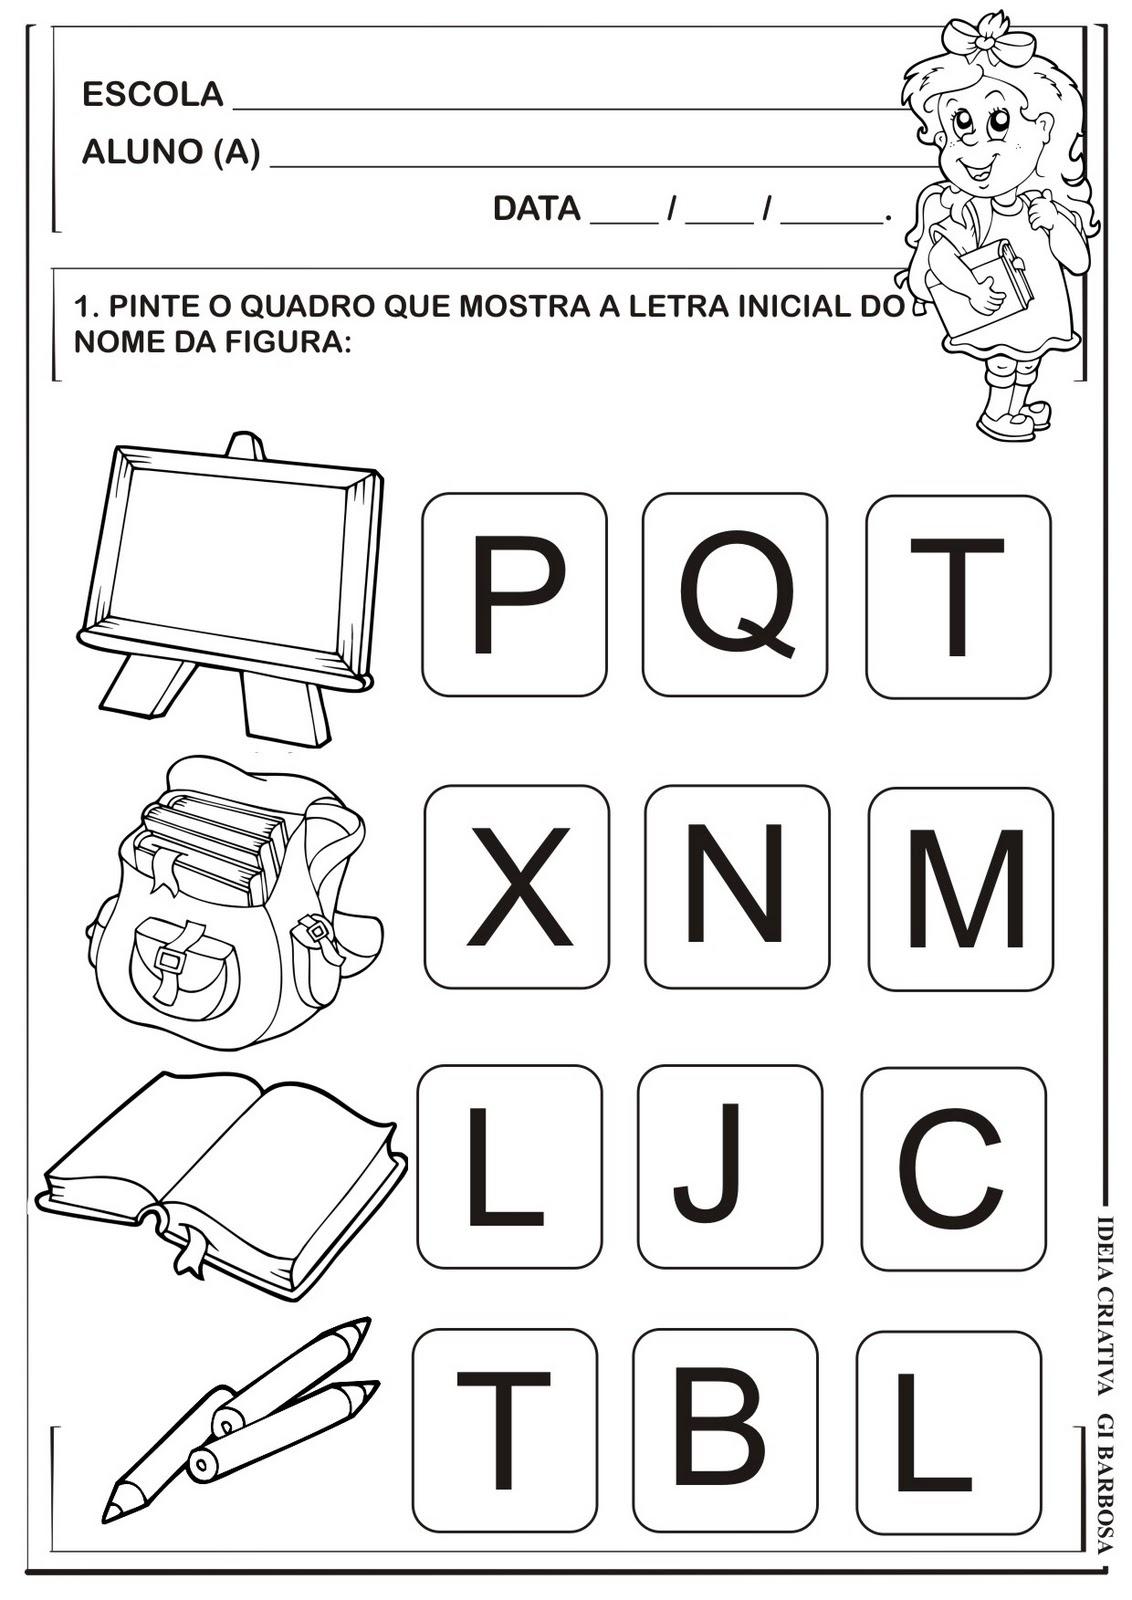 Conhecido Atividade Educação Infantil Letra Inicial Volta ás Aulas | Ideia  TR57